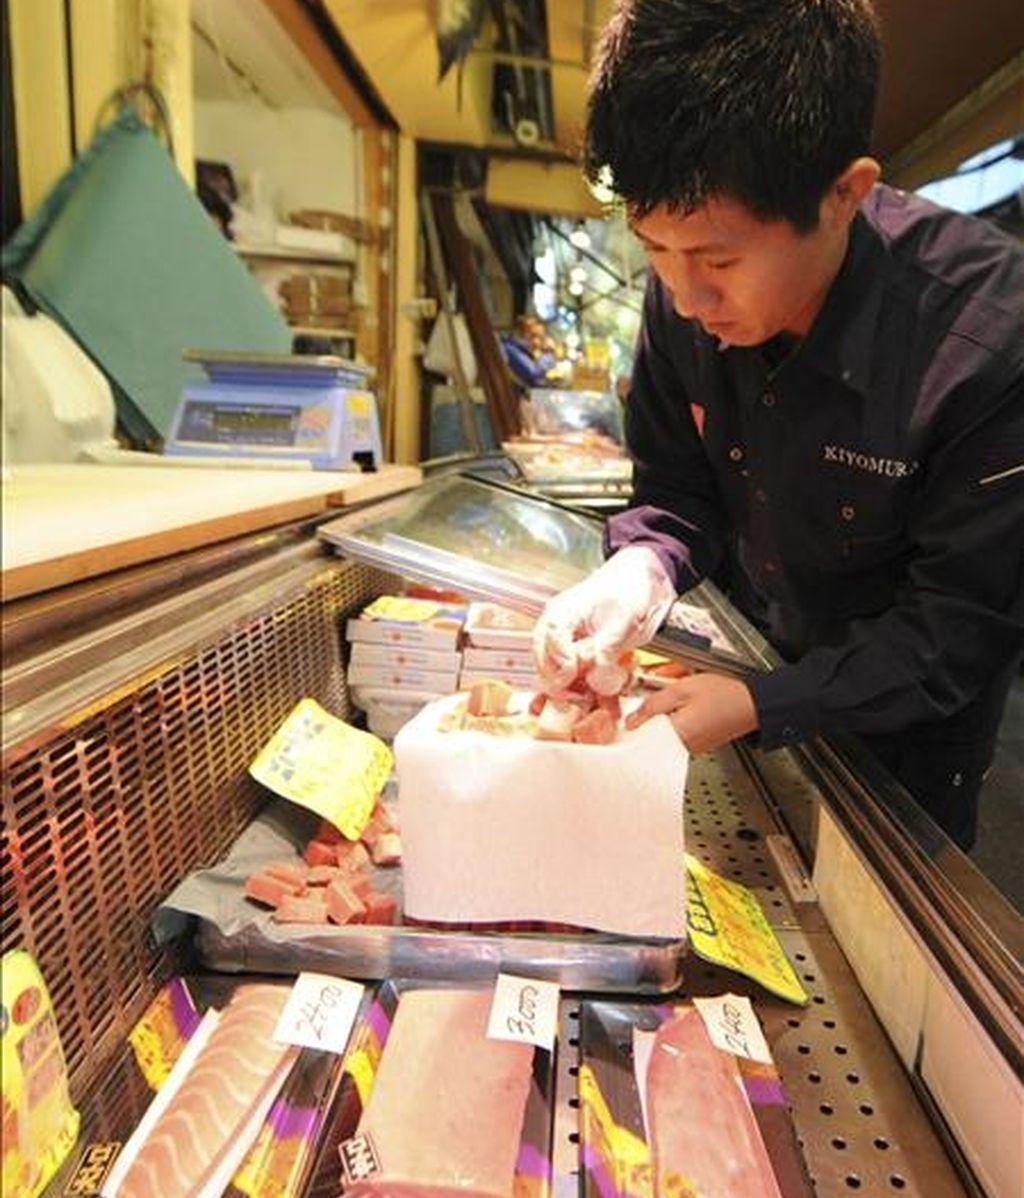 Un pescadero japonés preparando atún para su venta en el mercado de pescado Tsukiji de Tokio. EFE/Archivo